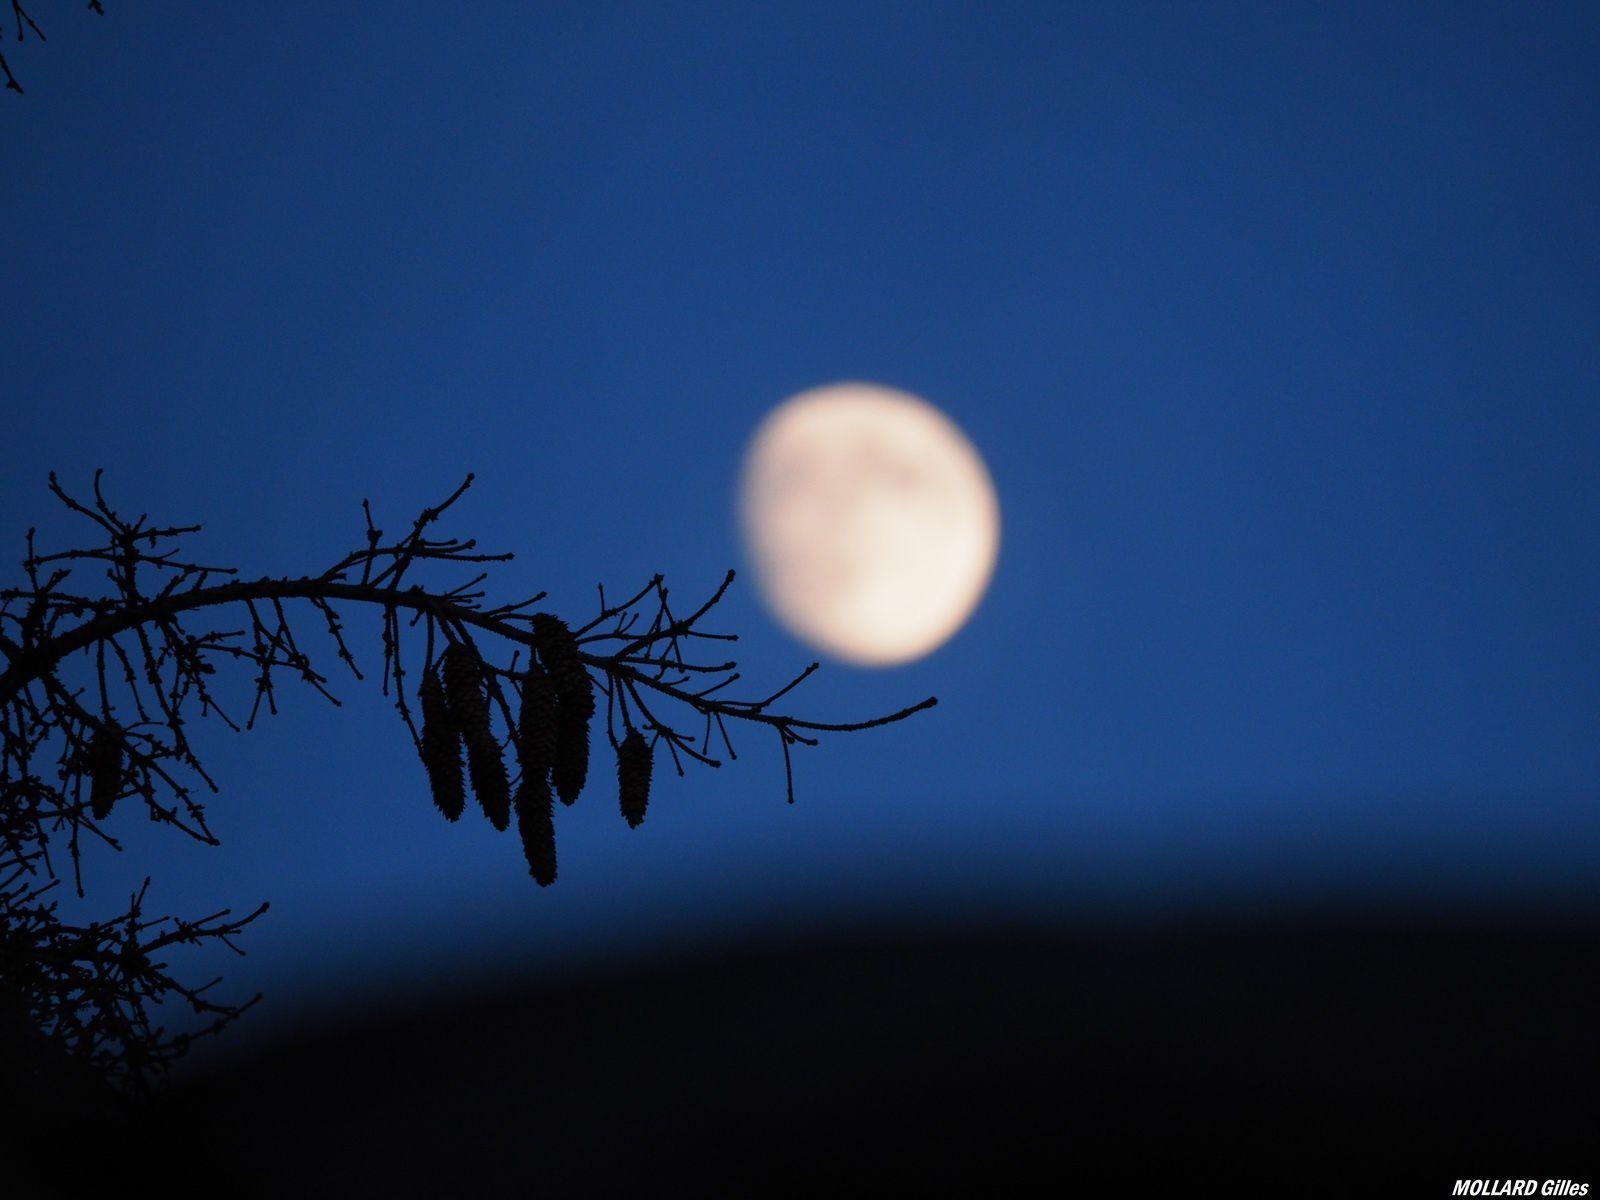 mon ami la lune sur une branche perchée.